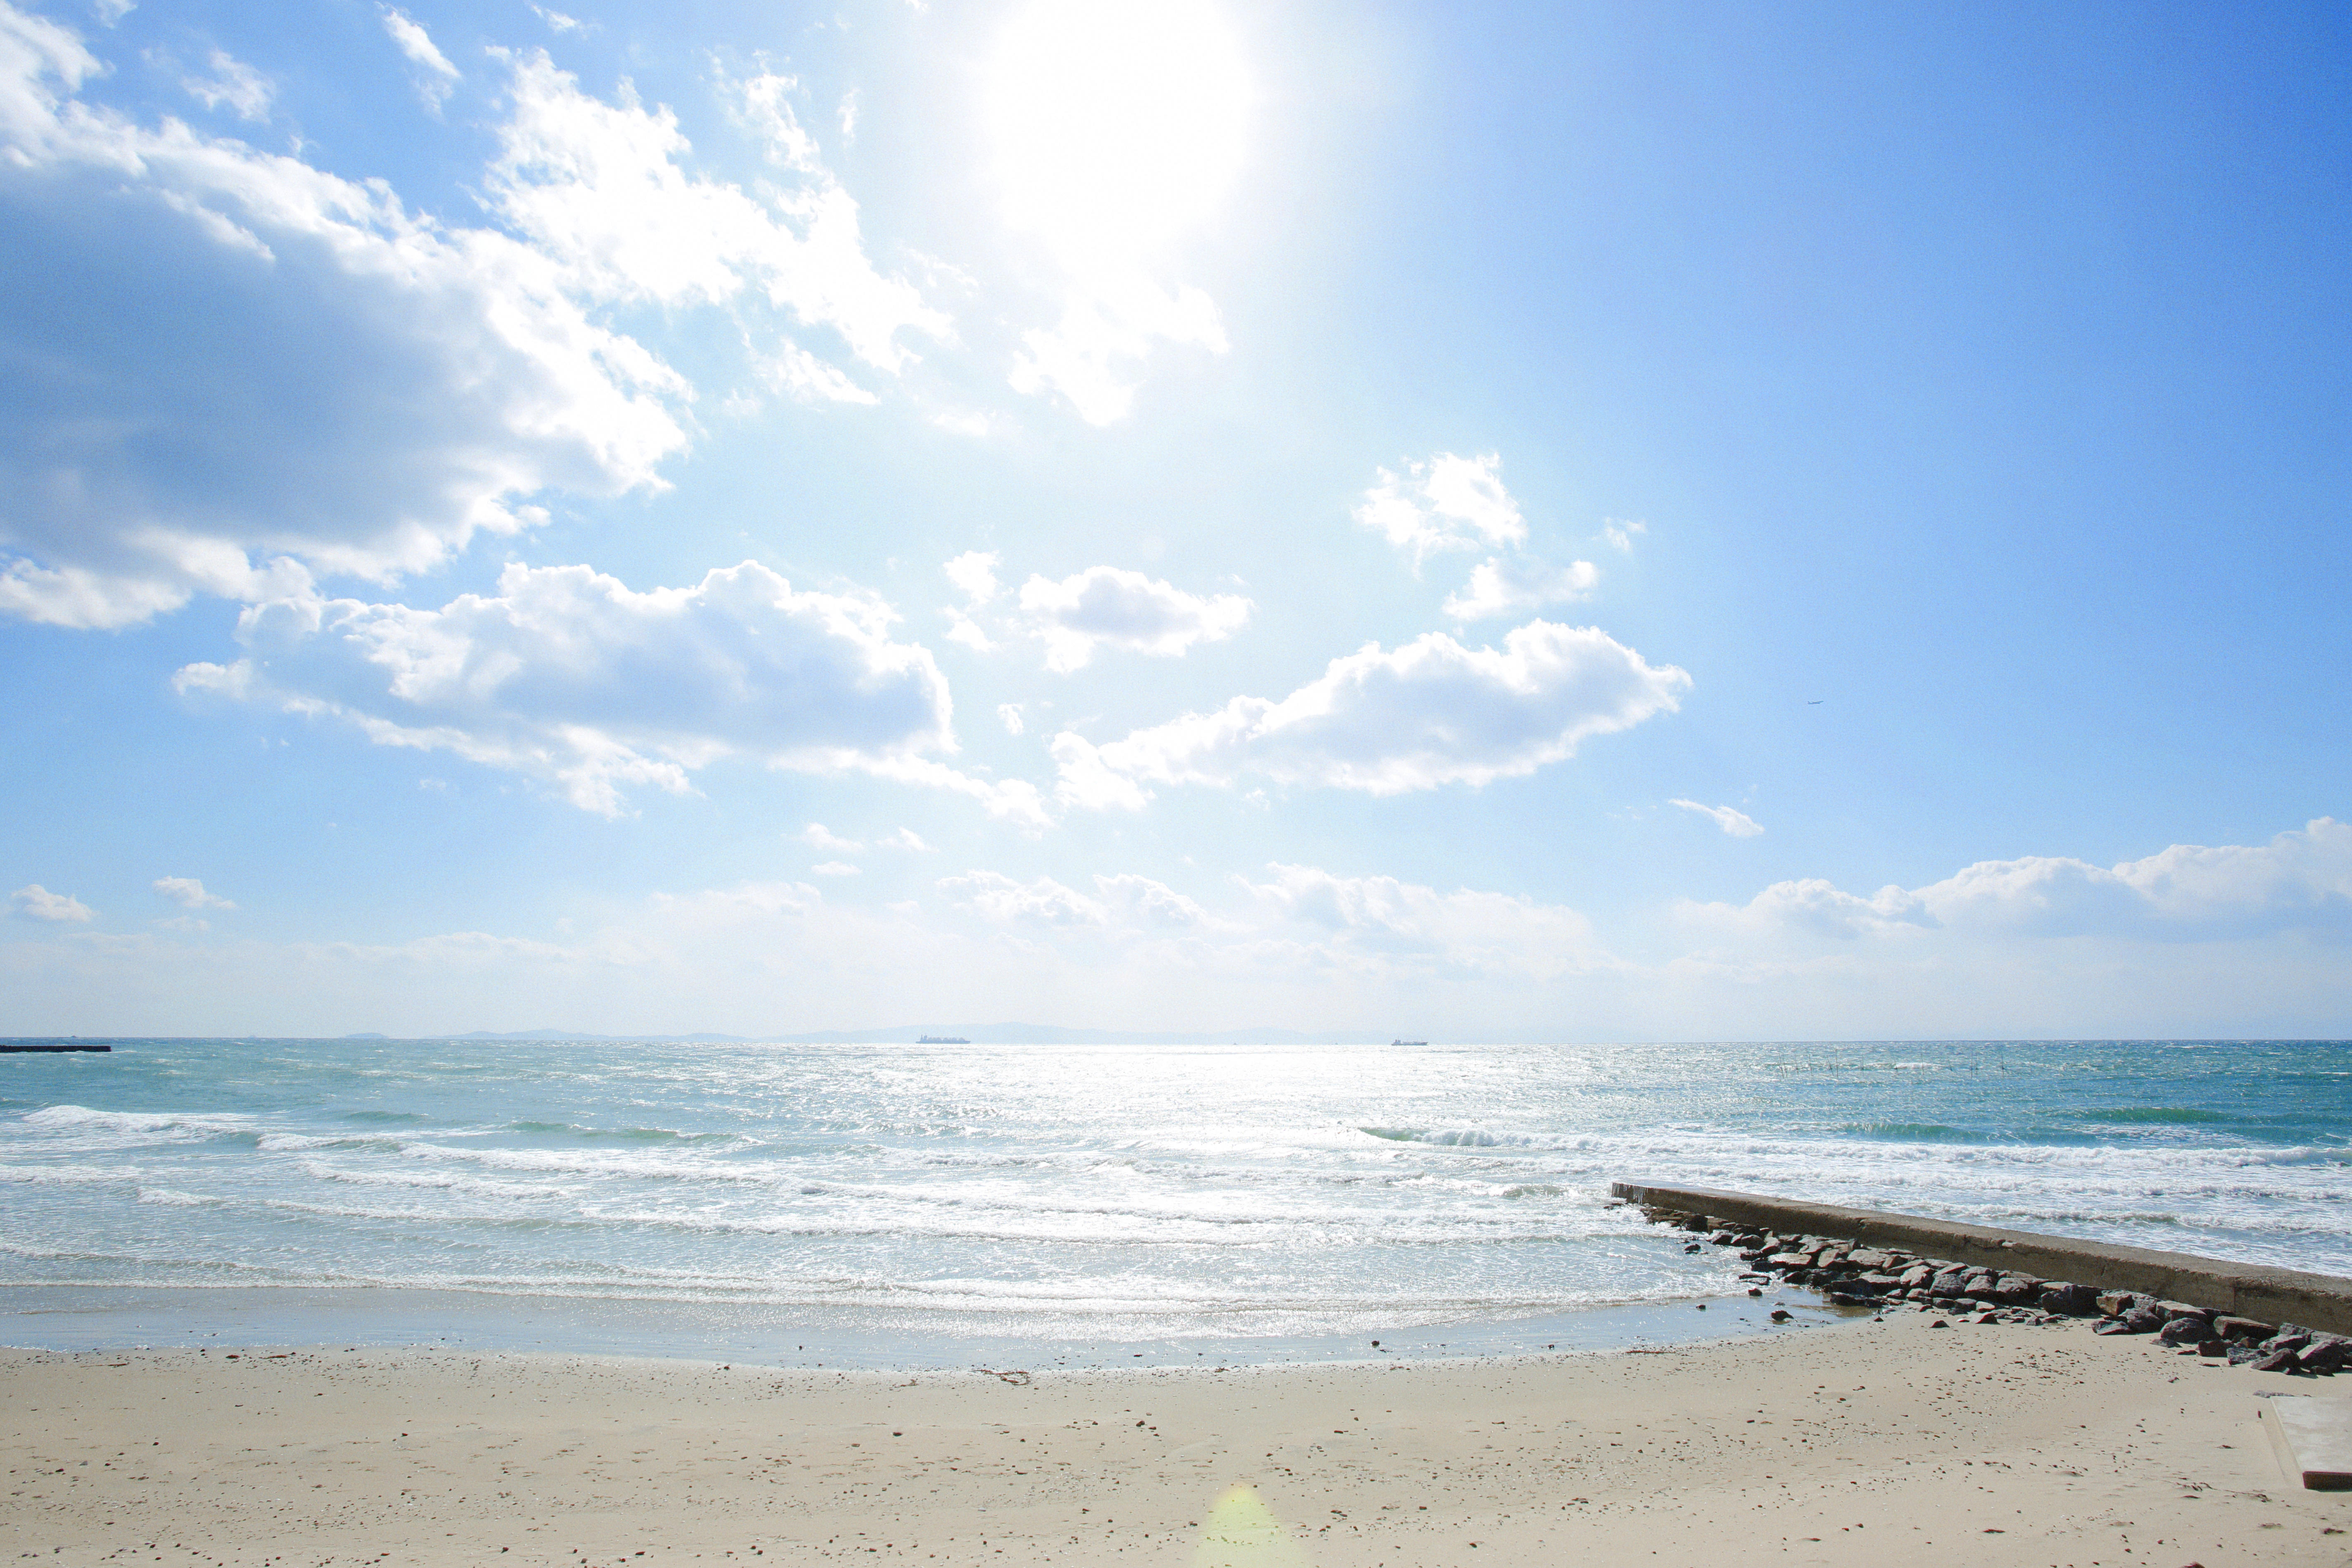 内海海水浴場「千鳥ヶ浜」